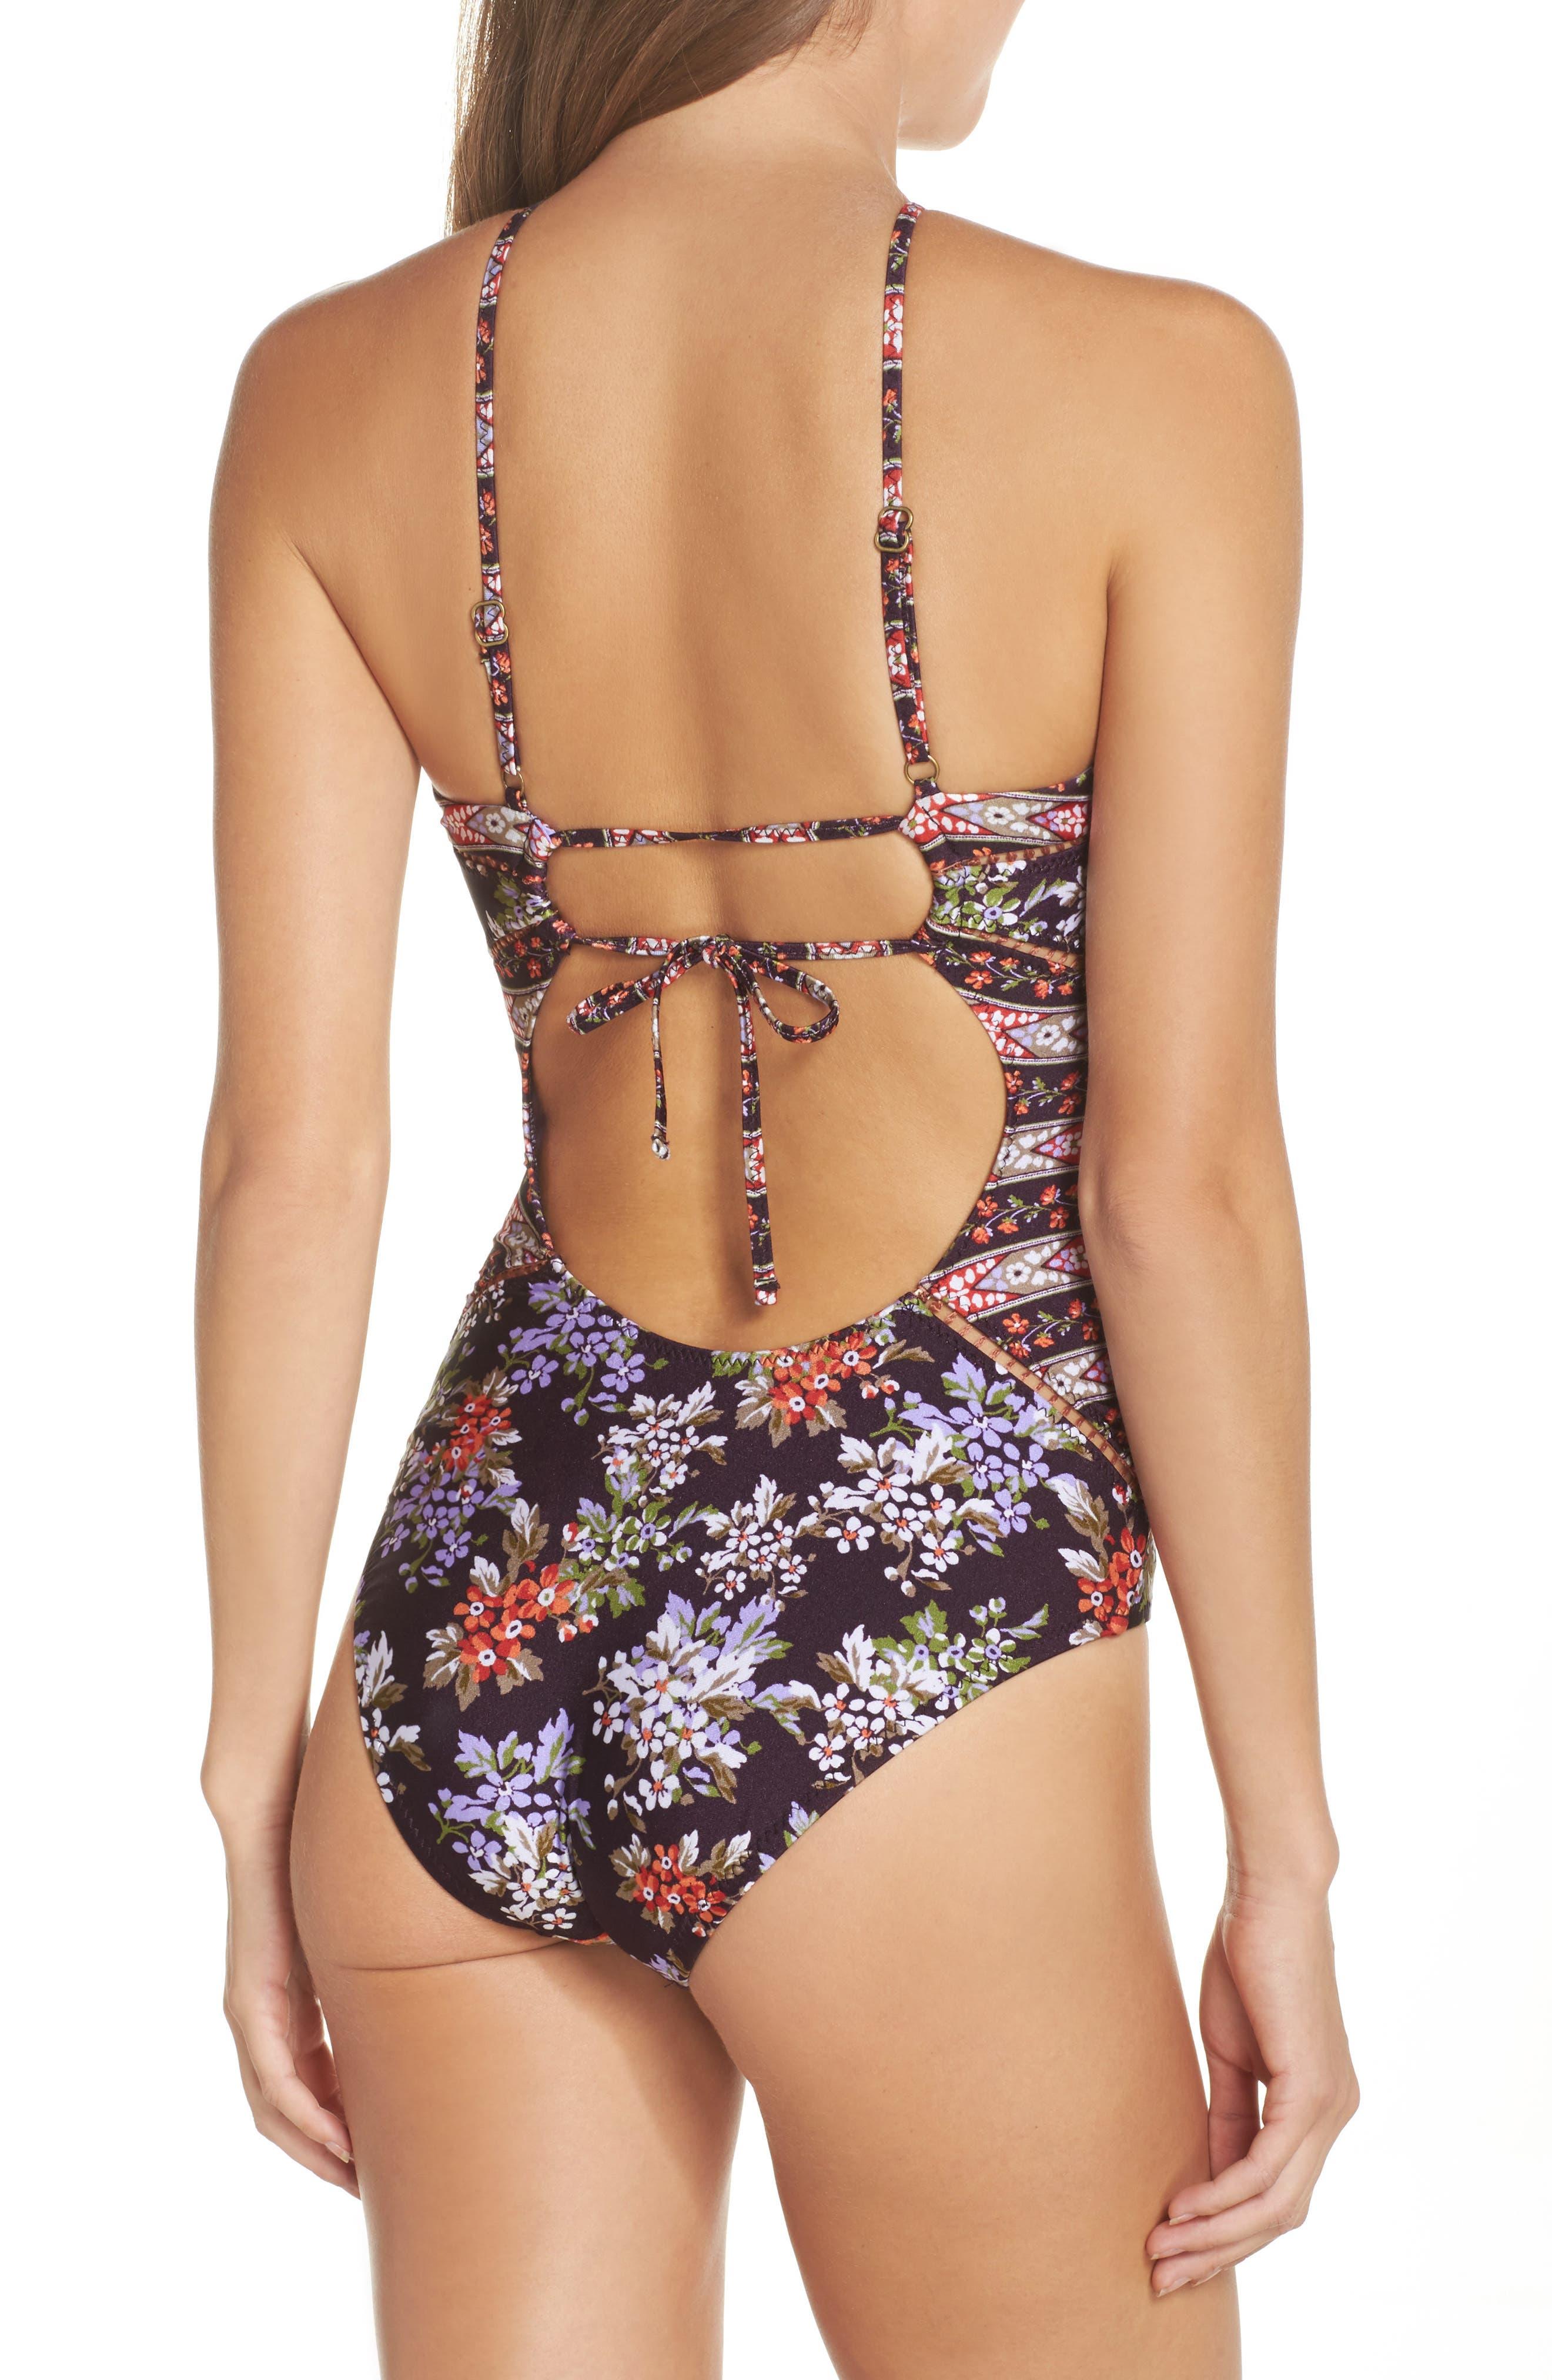 Floral Cottage One-Piece Swimsuit,                             Alternate thumbnail 2, color,                             Plum